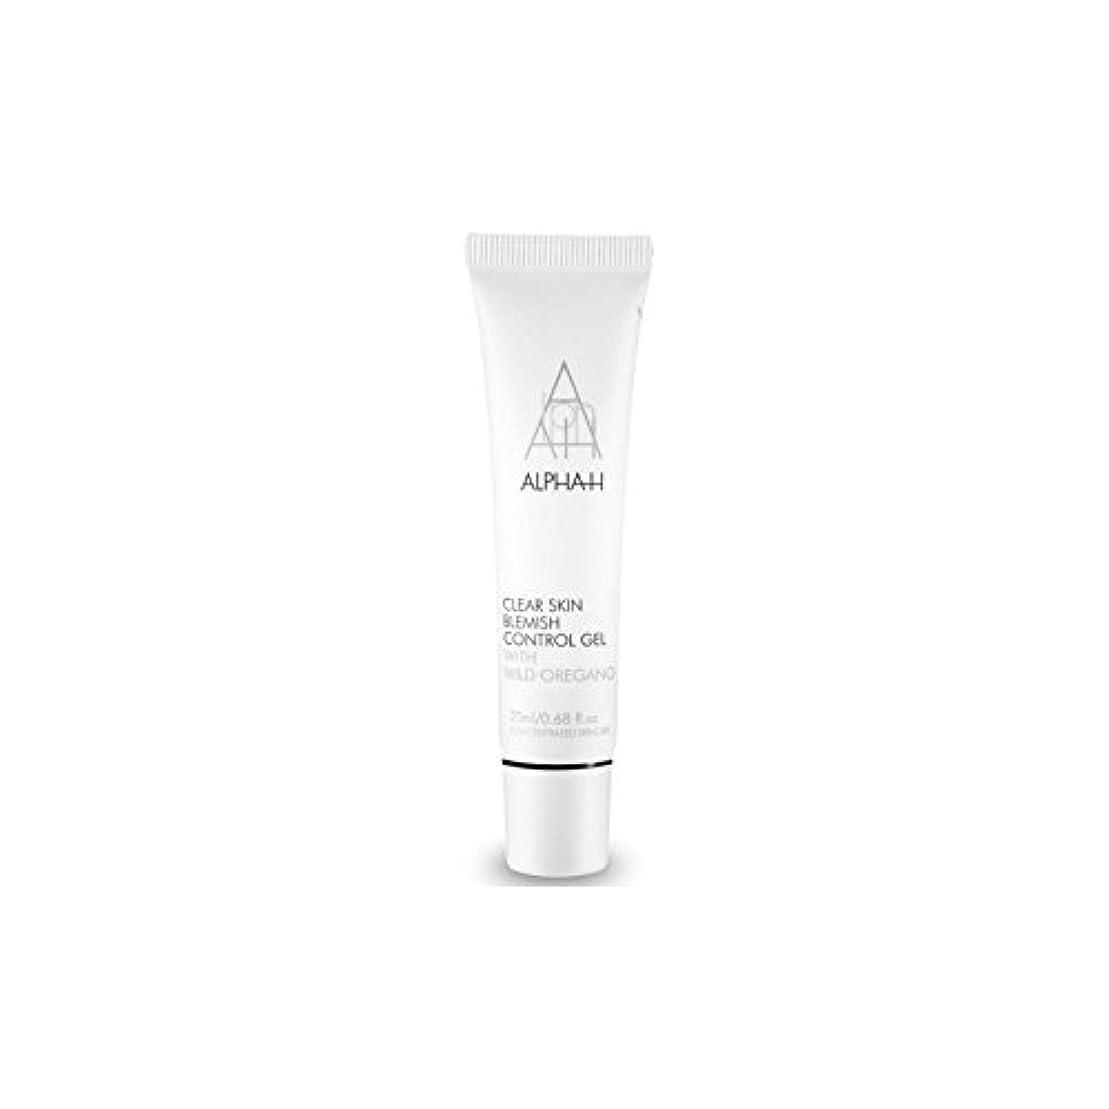 絶妙震えるボンドアルファクリア皮膚傷制御ゲル(20)中 x4 - Alpha-H Clear Skin Blemish Control Gel (20ml) (Pack of 4) [並行輸入品]